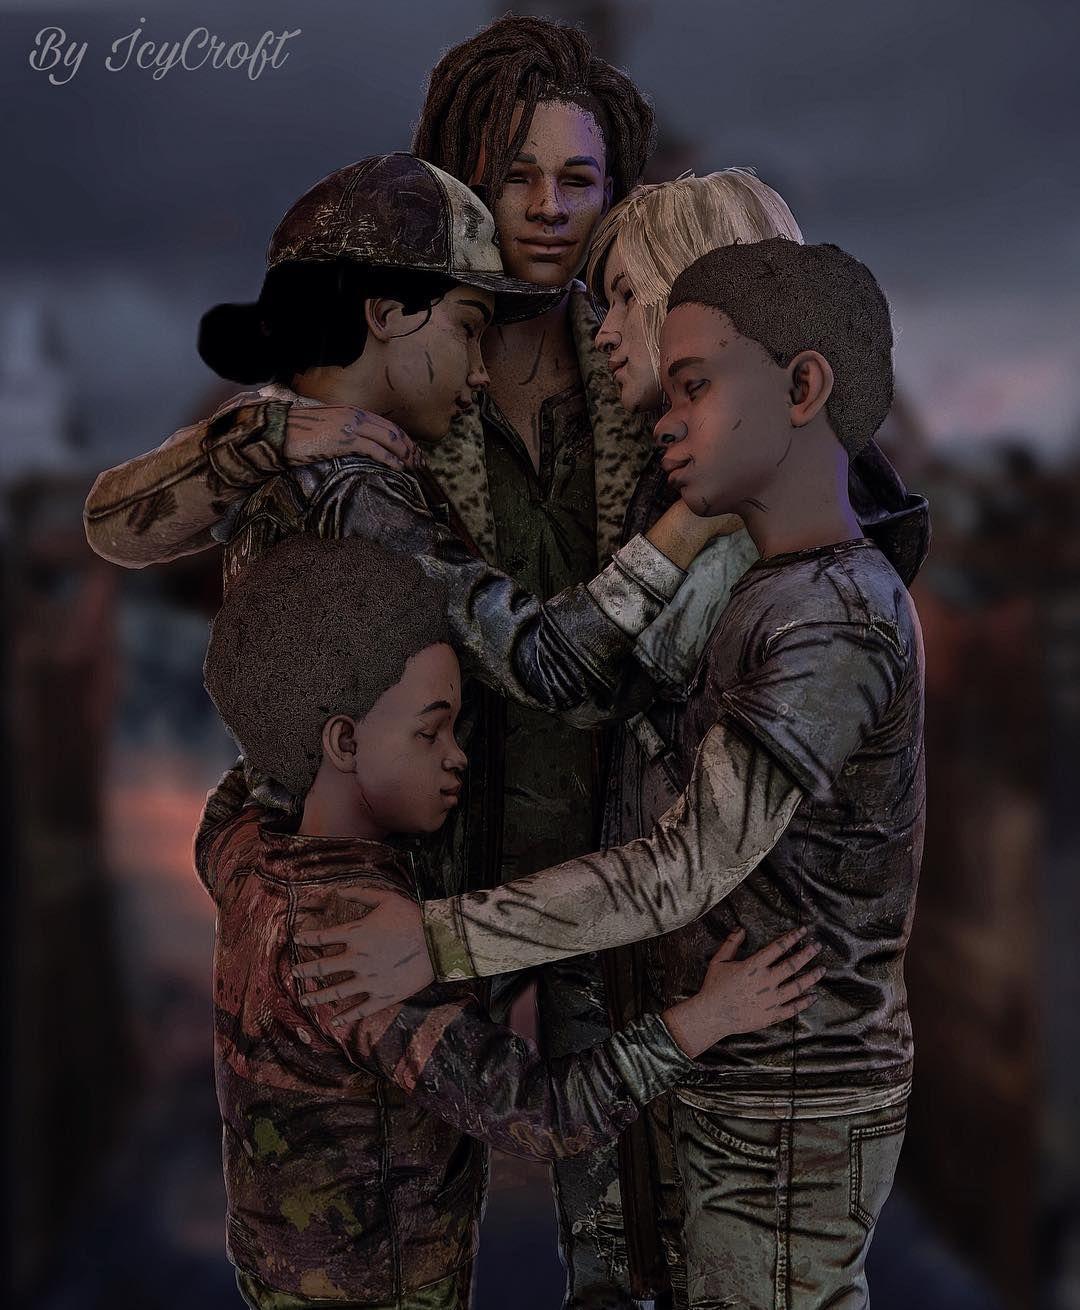 Together Twd Thewalkingdead Thewalkingdeadfinalseason Violet Violentine Tenn Loui Walking Dead Game The Walking Dead Telltale Clementine Walking Dead